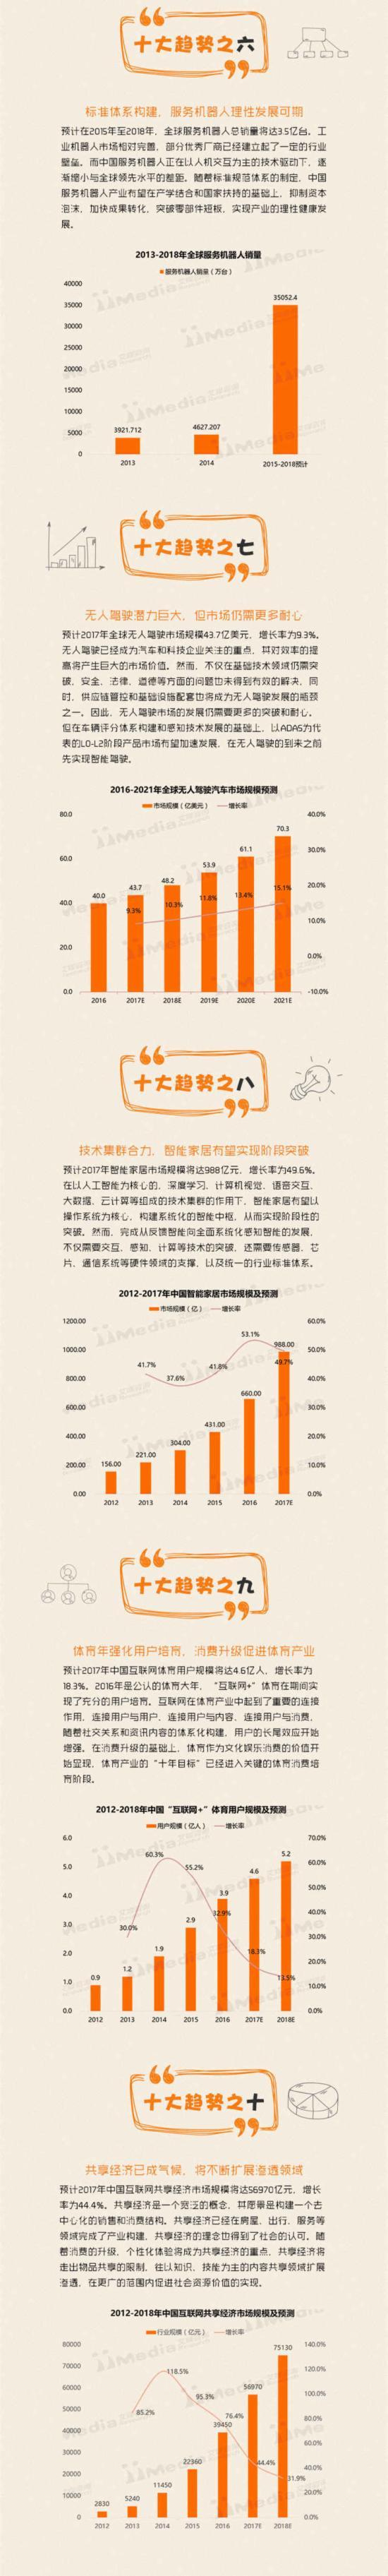 2016年中国移动互联网十大盘点与2017年预测